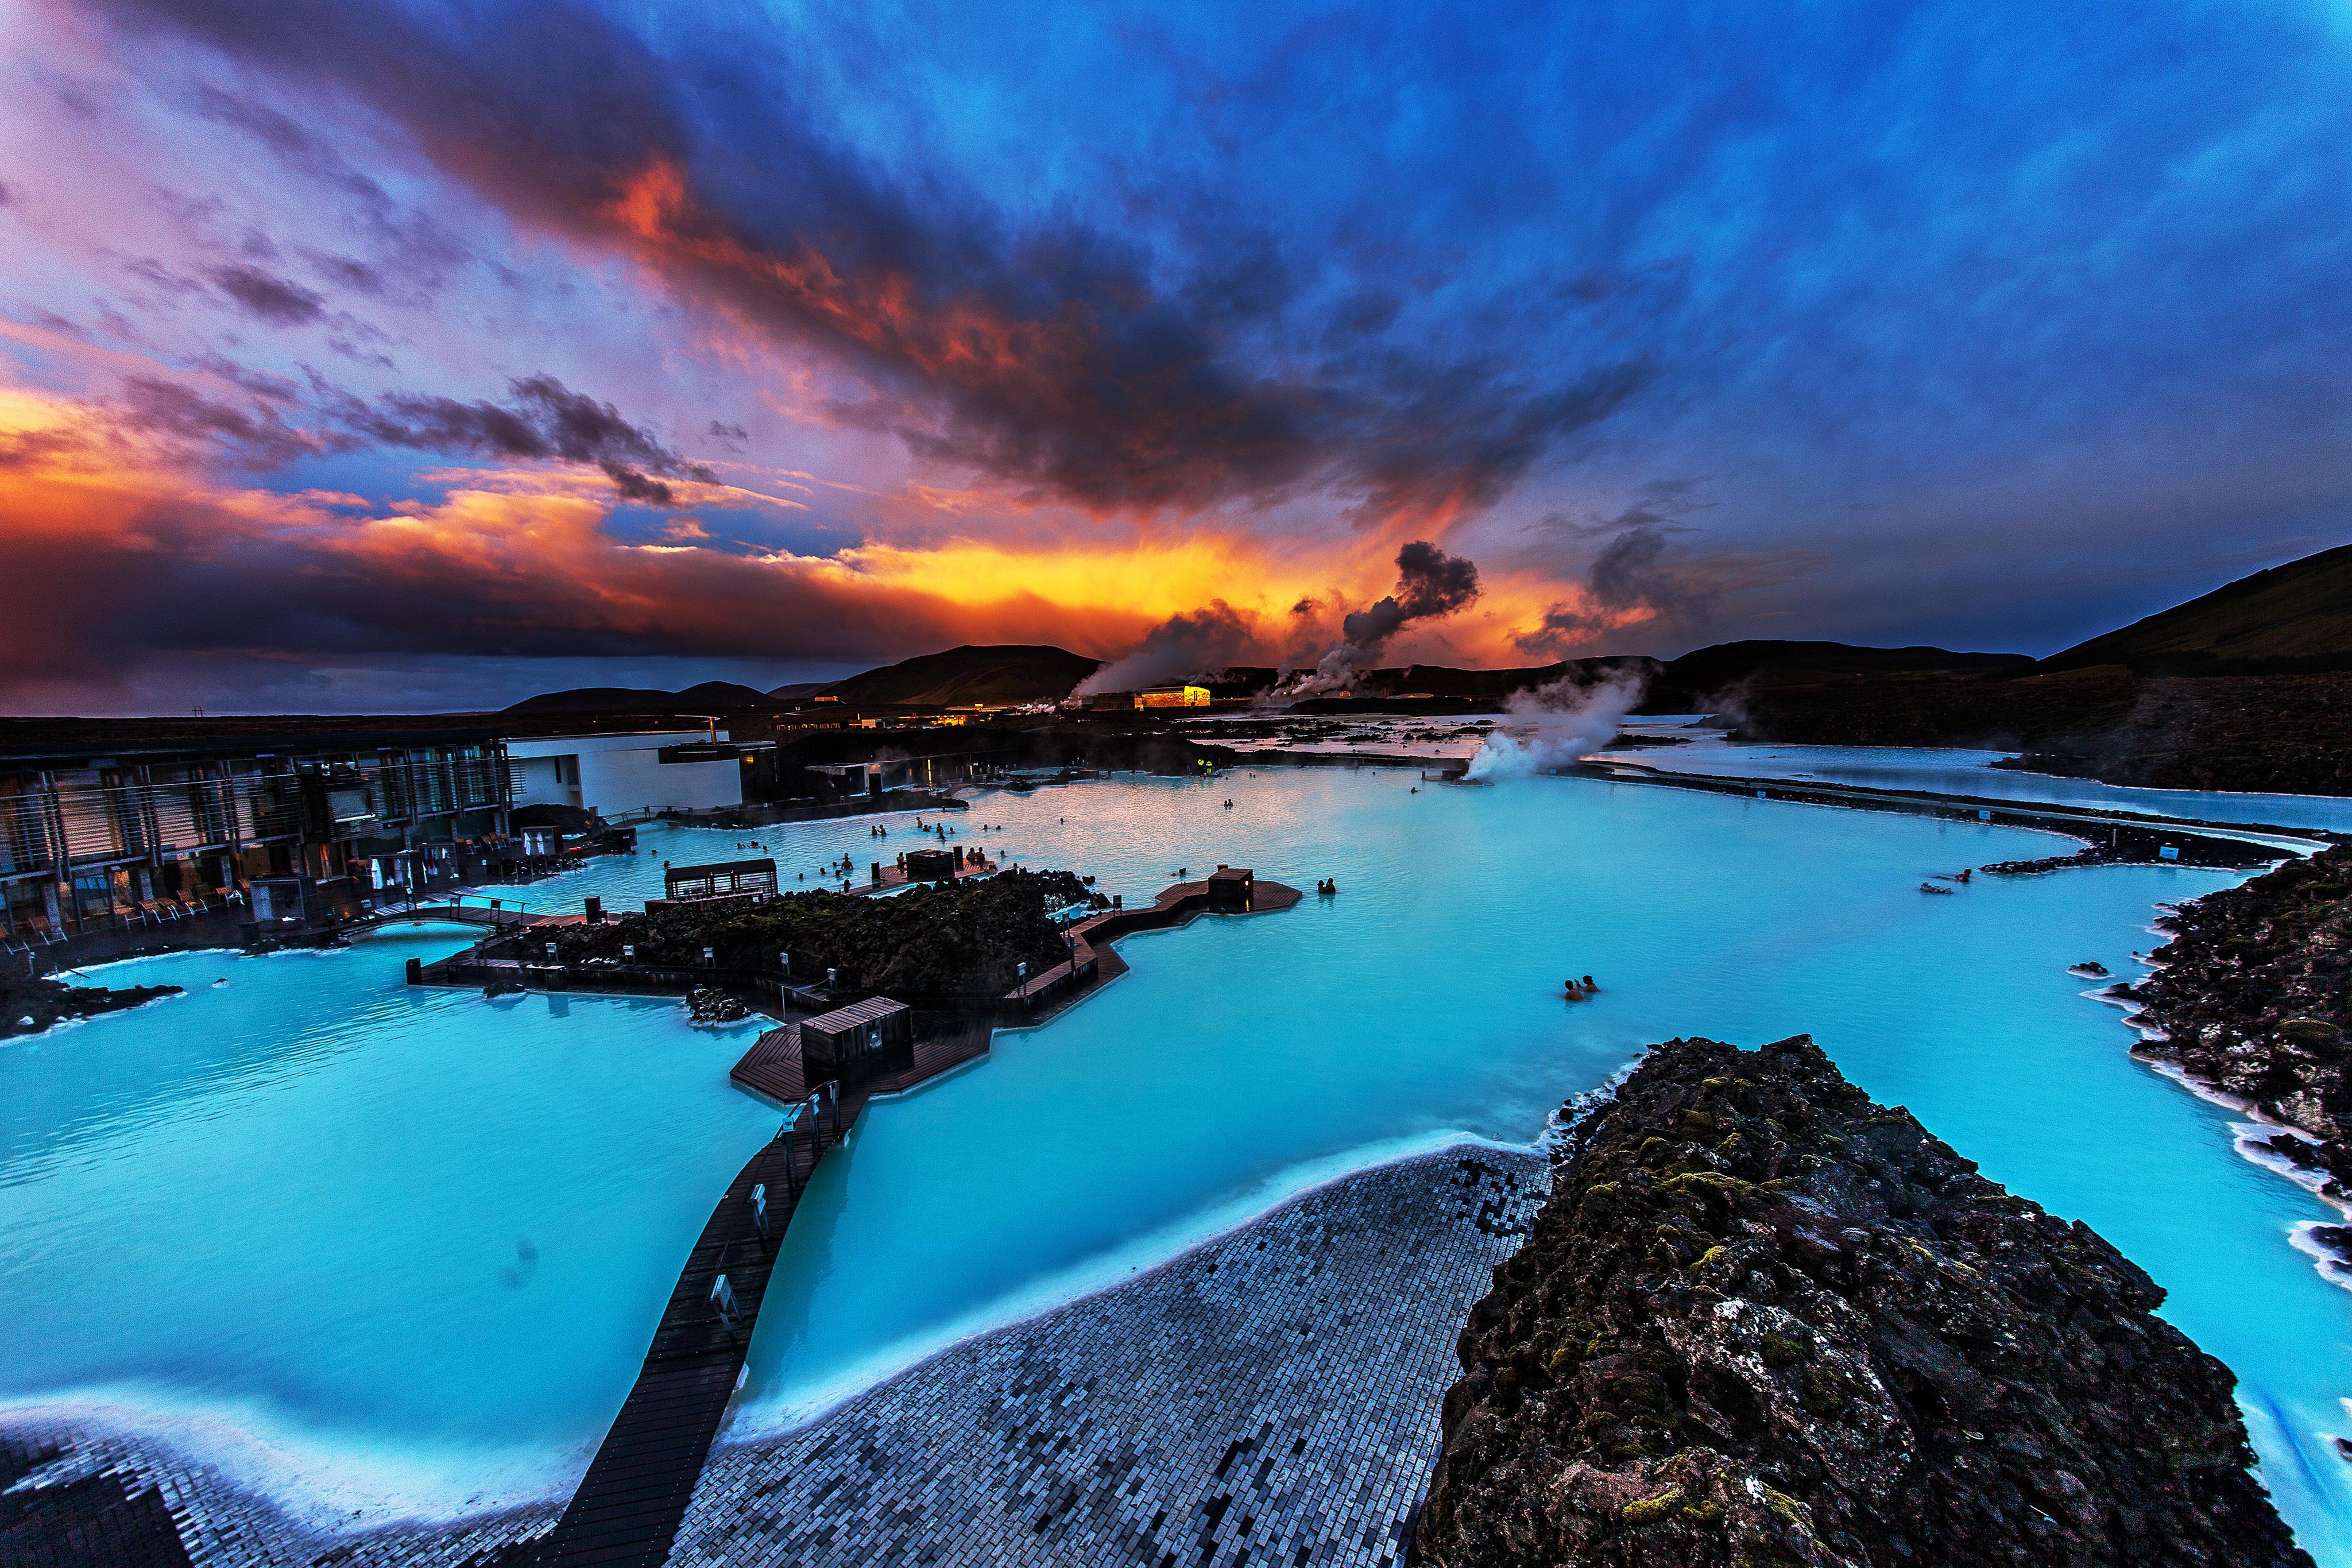 Das geothermische Wasser der Blauen Lagune ist wundervoll azurblau.